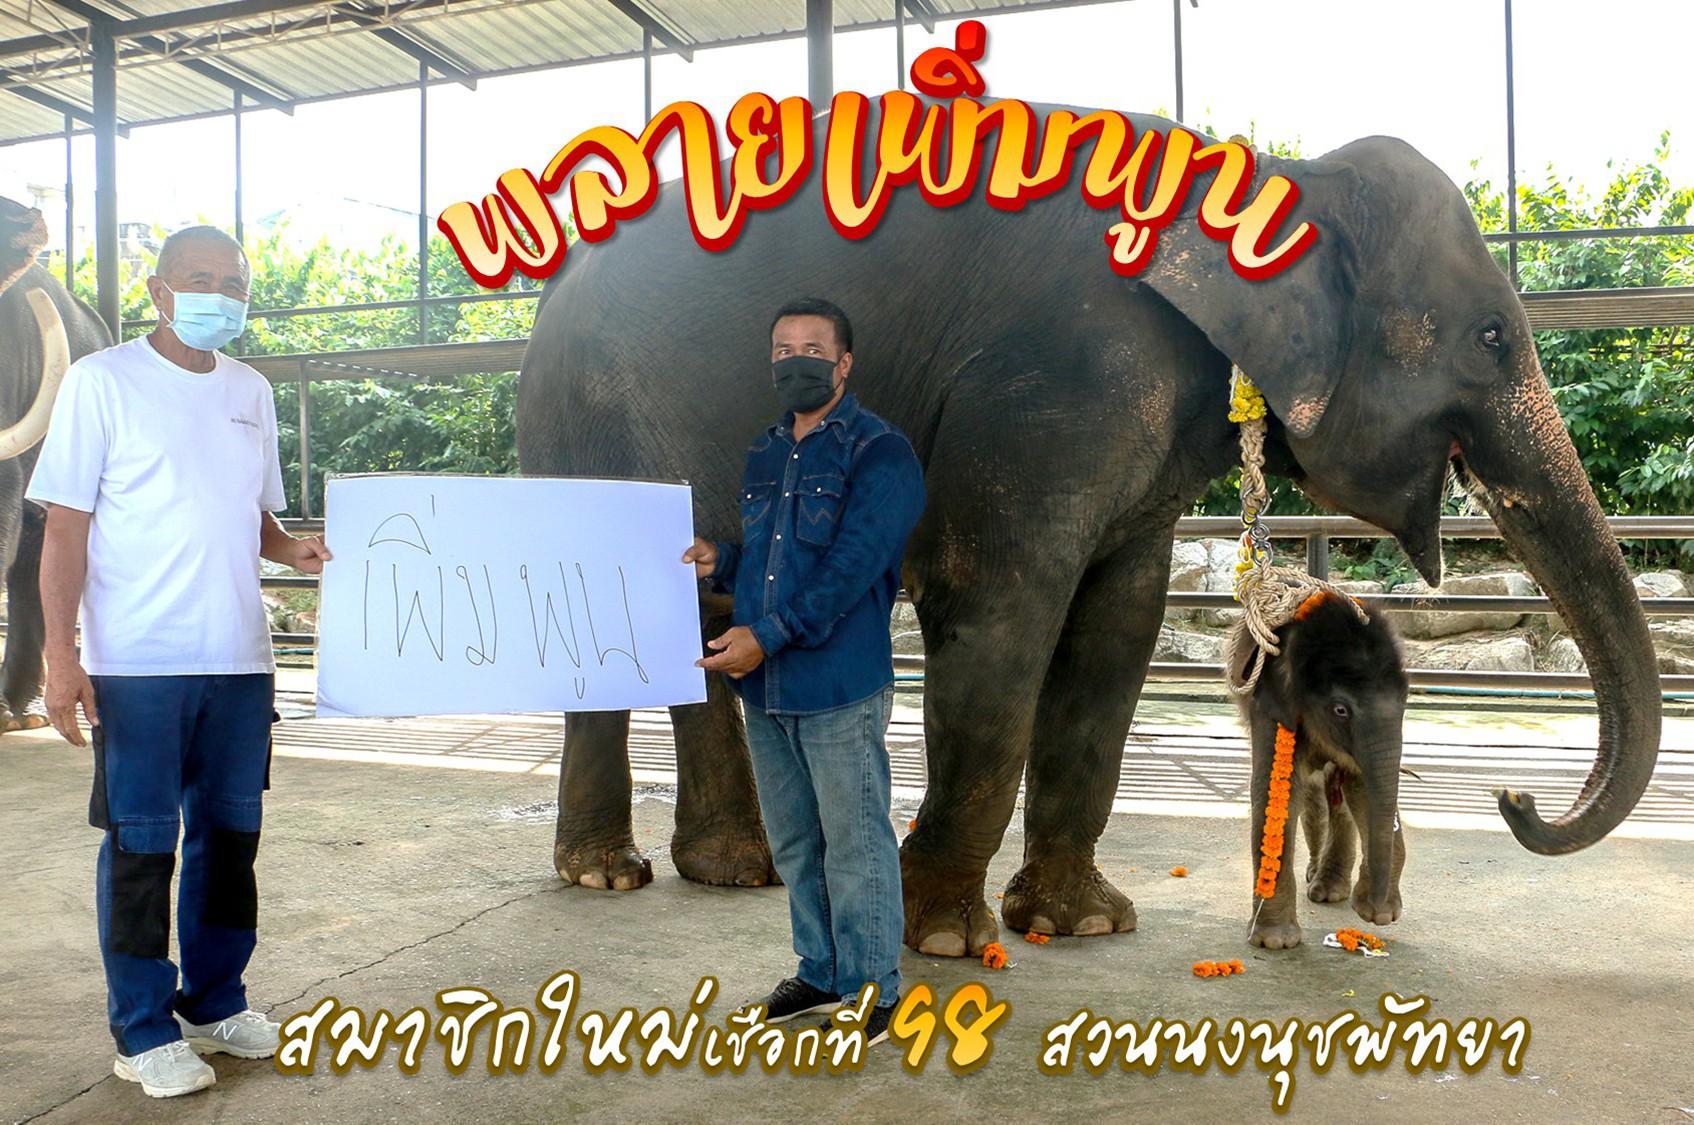 แม่ช้าง!!ปางช้างสวนนงนุชพัทยาฝ่าวิกฤติโควิด-19 เบ่งคลอดลูกเชือกที่ 98